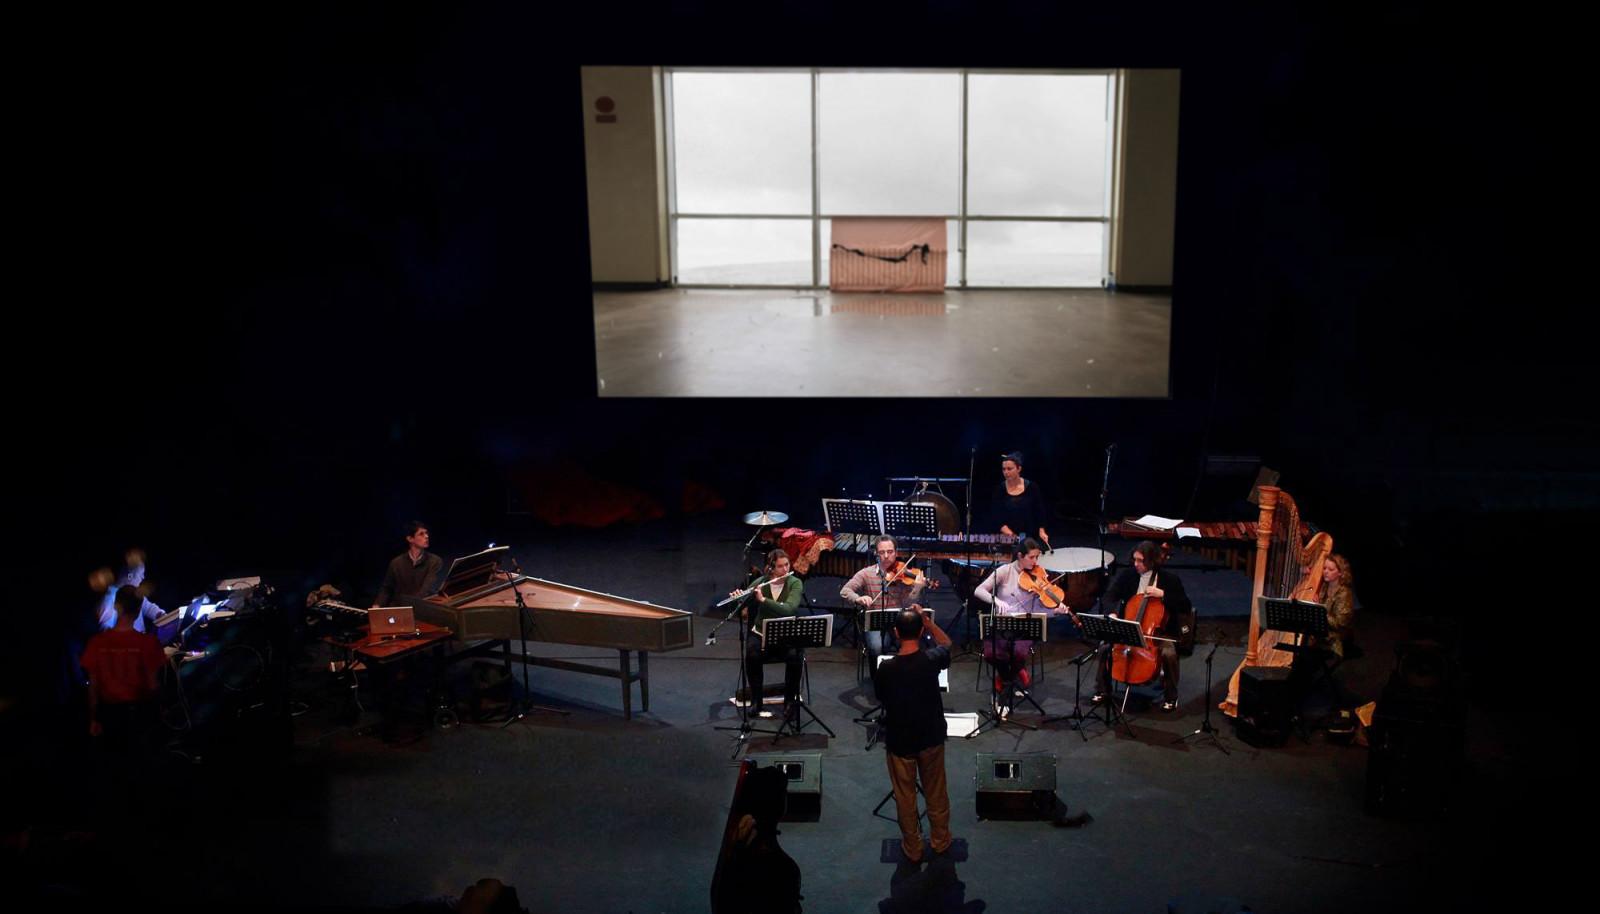 Mirrors of Earth, Project Arts Centre, Dublin, 2013, with Dublin SoundLab. Photo: Mihai Cucu.